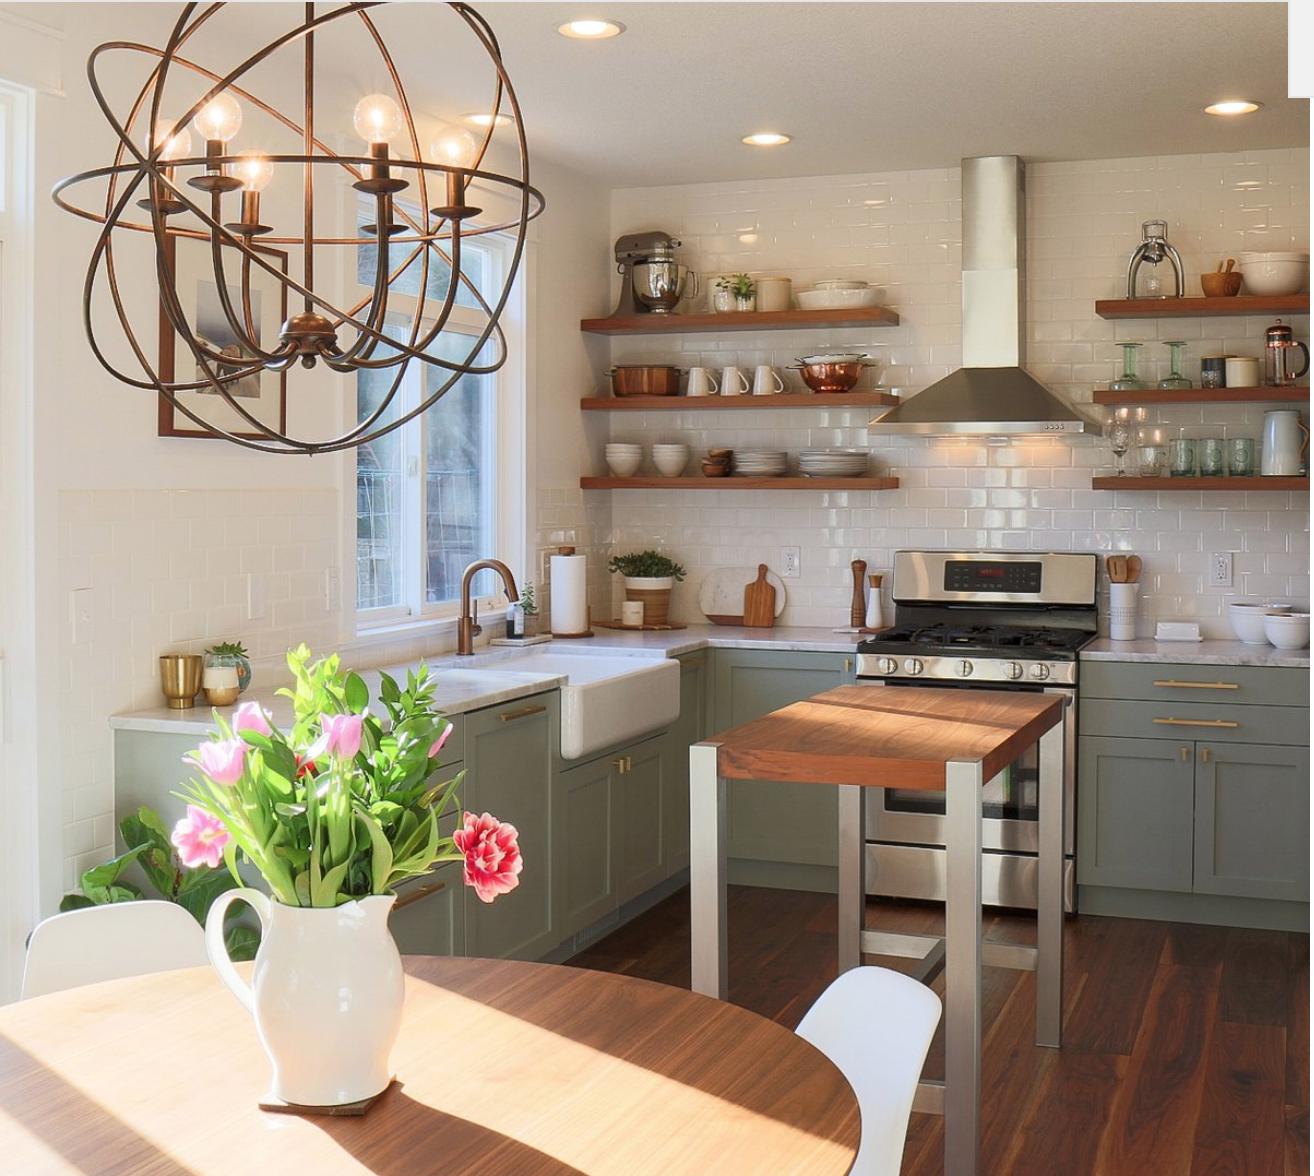 Pin by Jordan Klein on Kitchen Kitchen room design, Diy